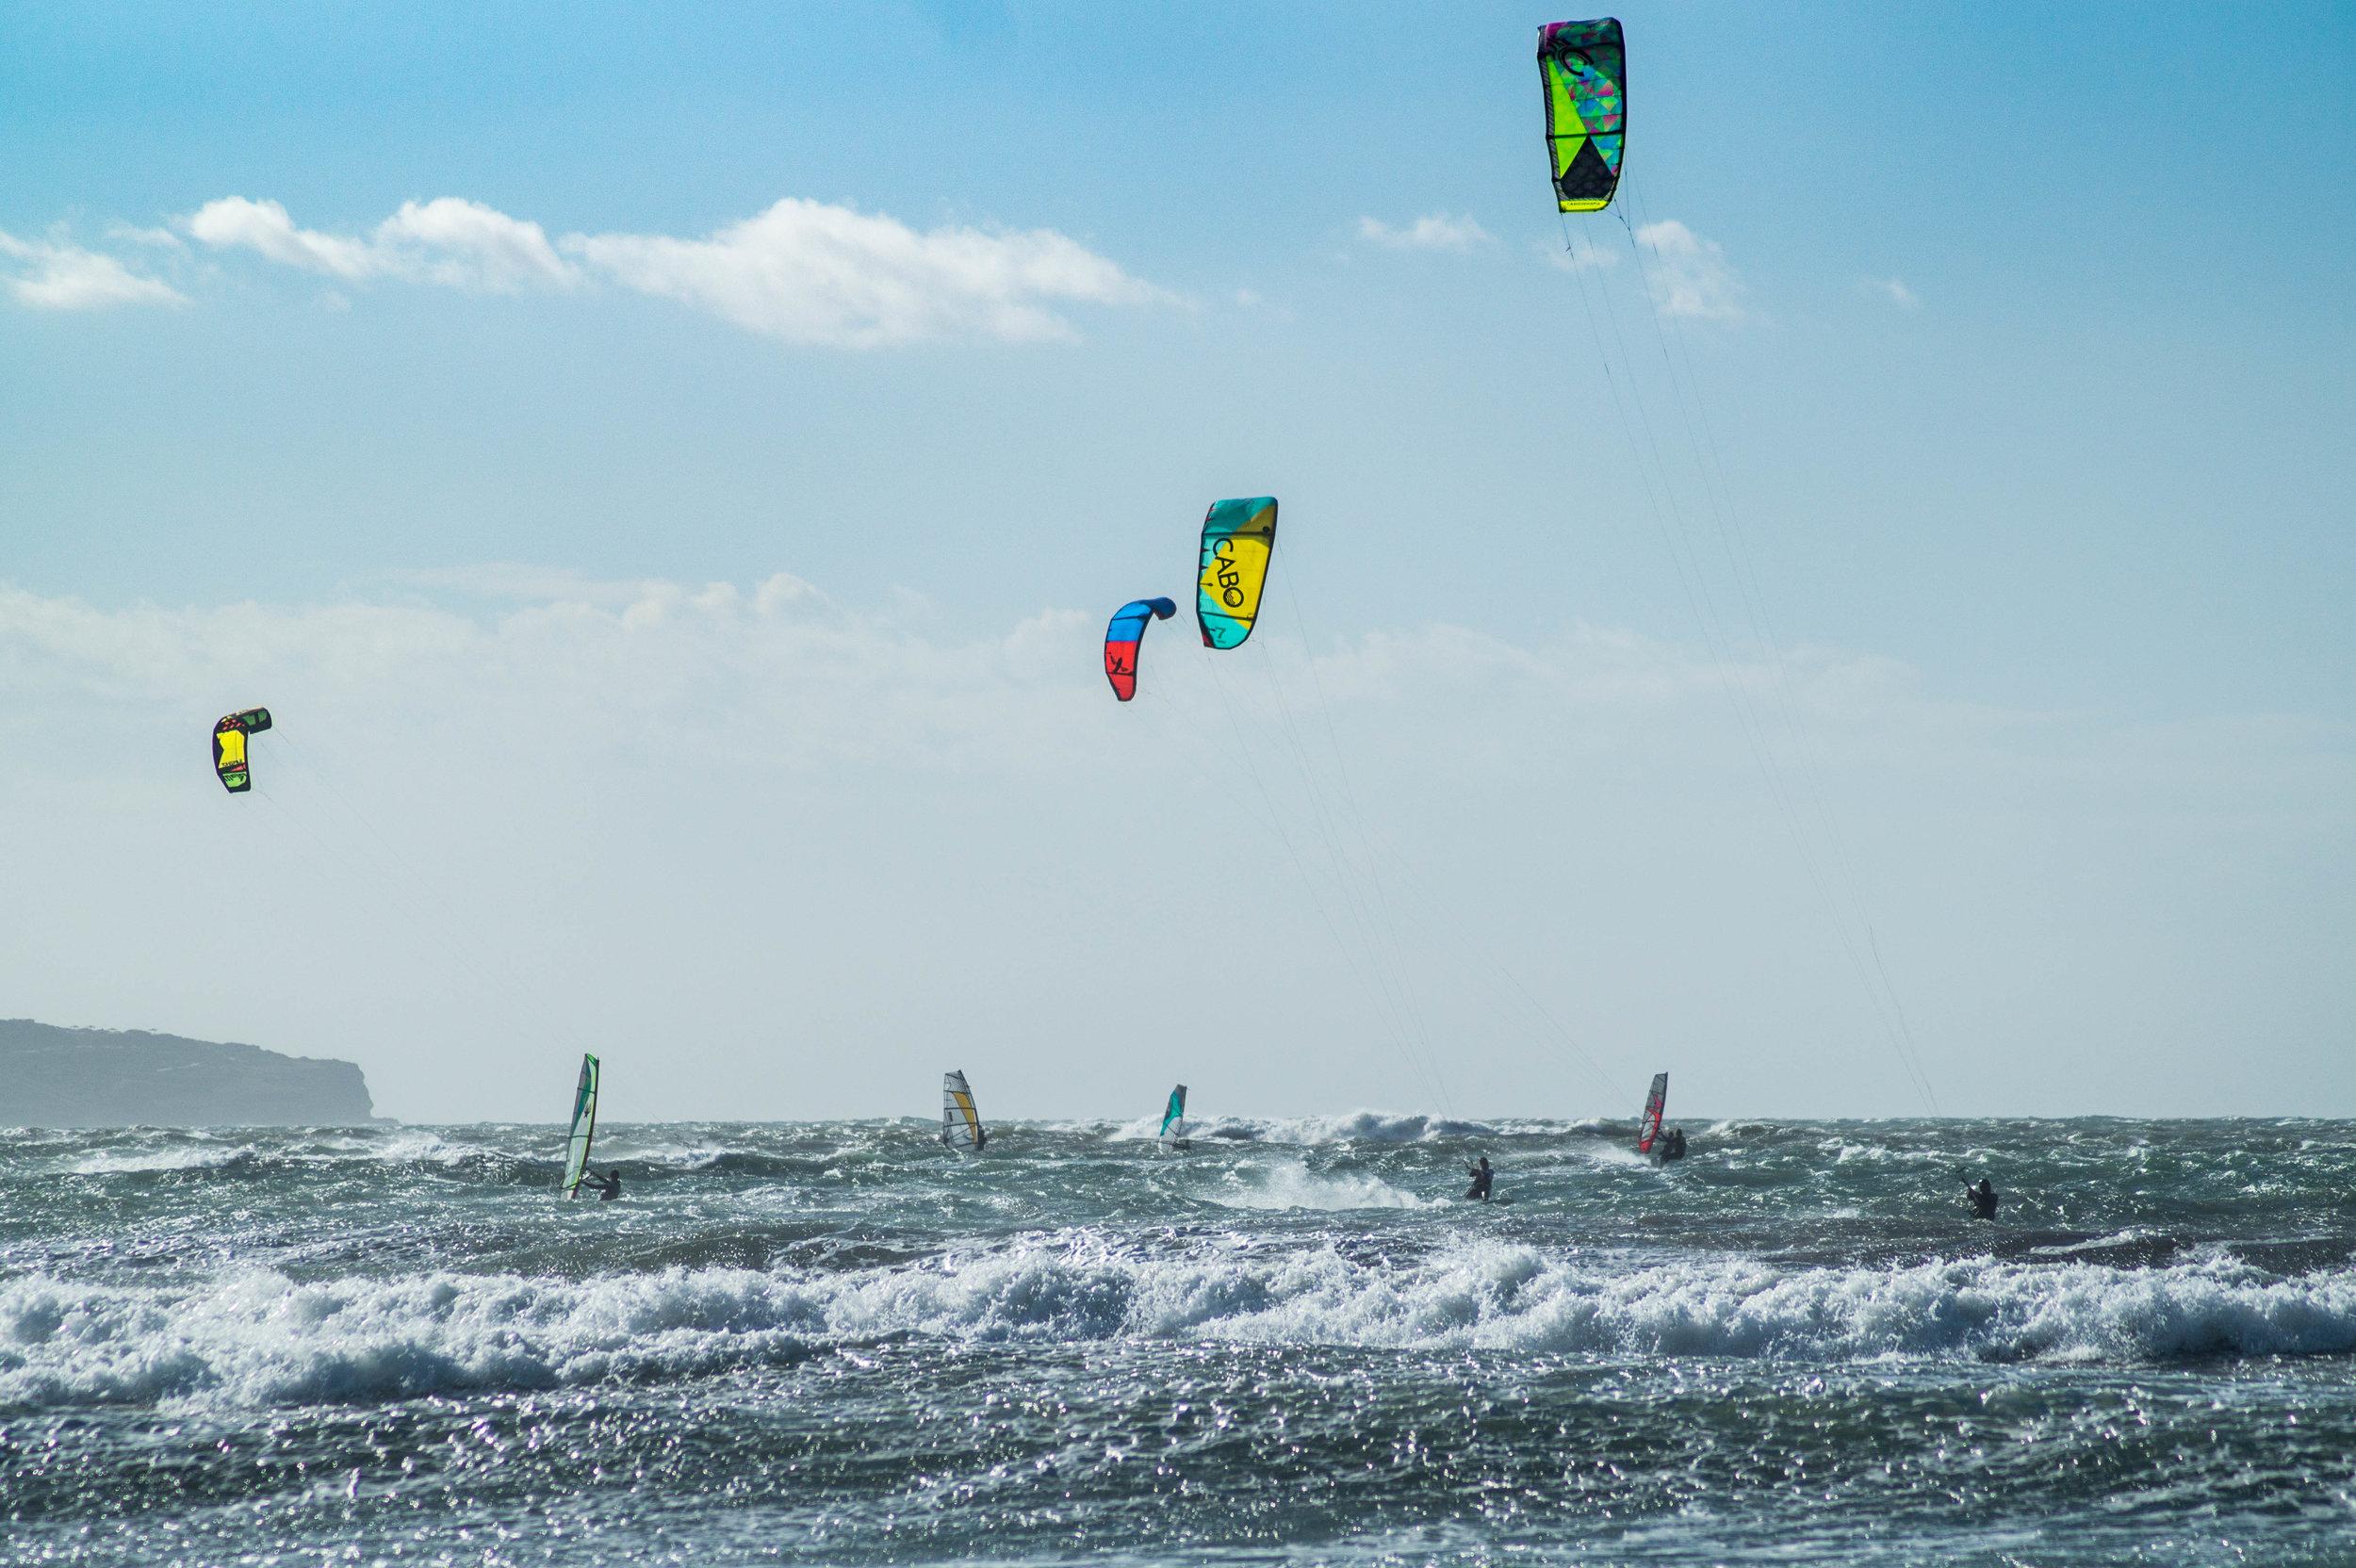 170205_canpastilla_surfer5.jpg